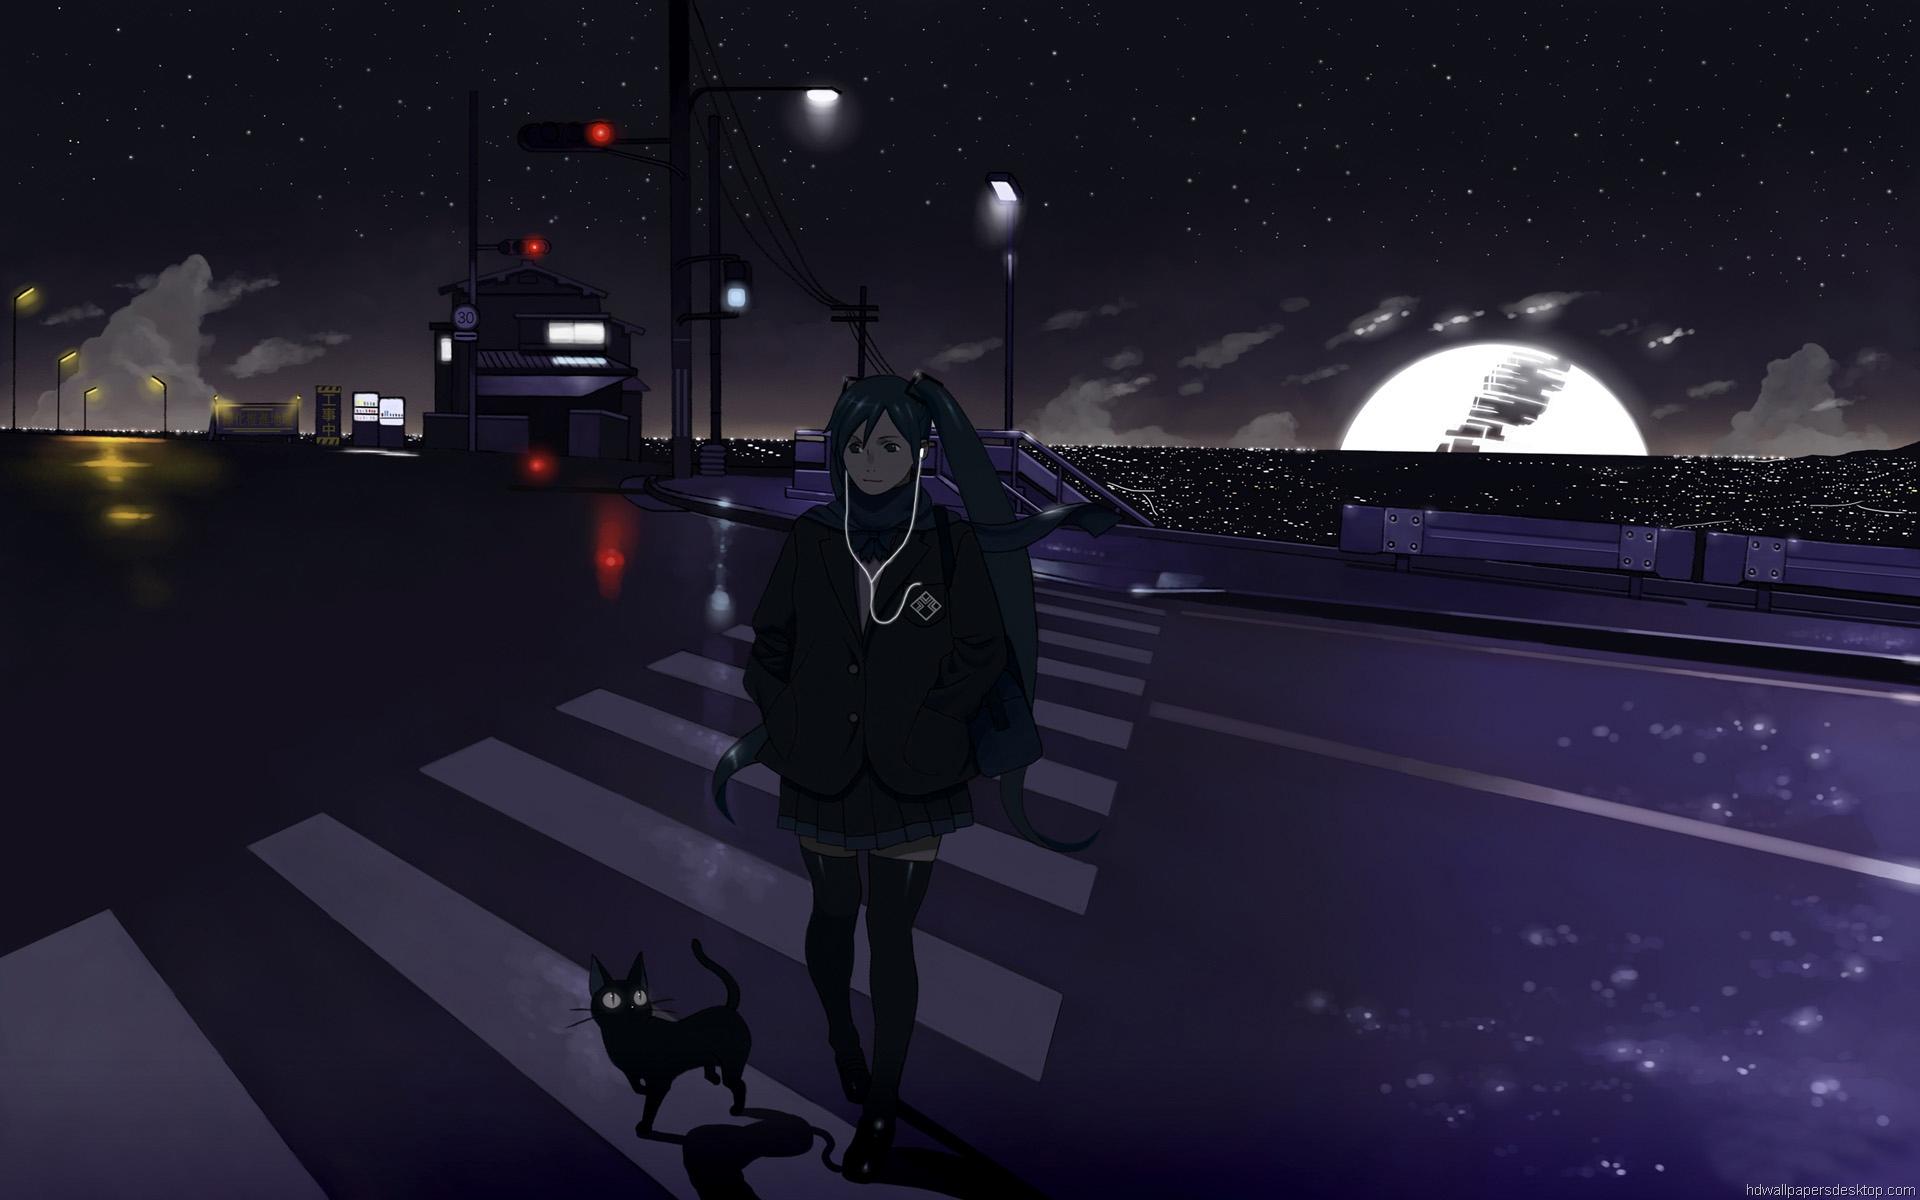 ボーカロイド壁紙夜 アニメ壁紙hdワイドスクリーン 19x10 Wallpapertip